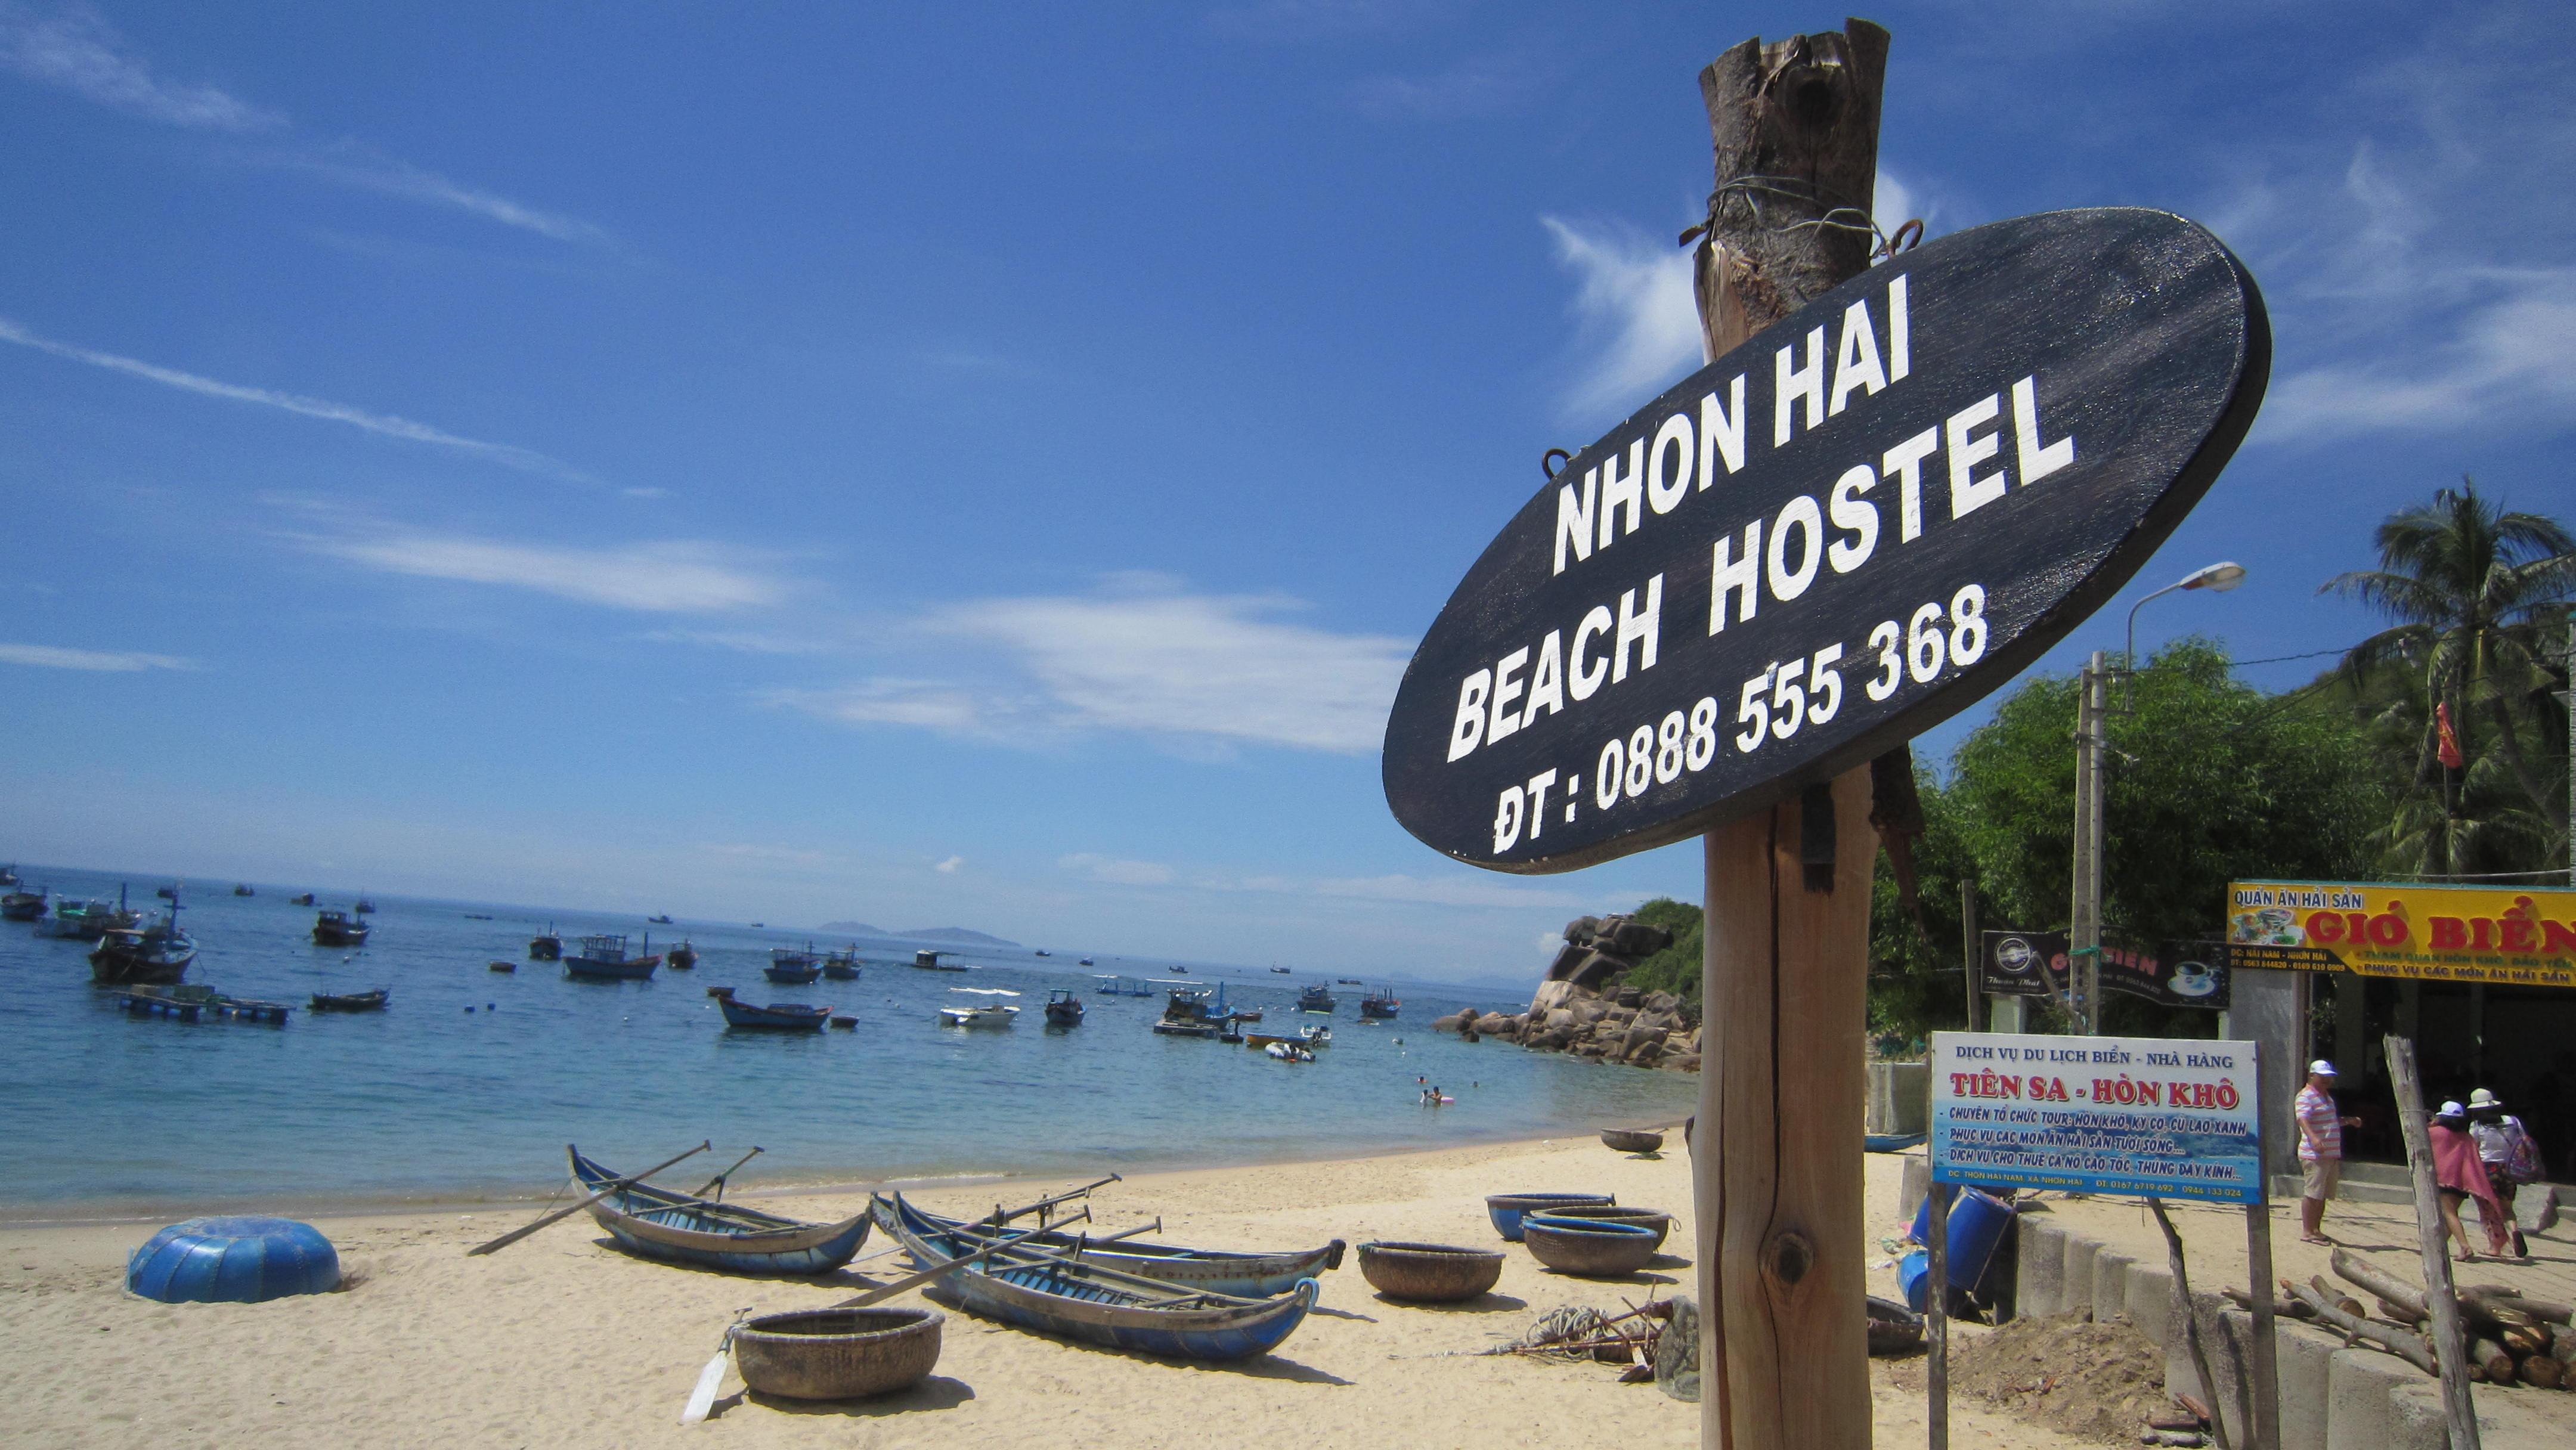 Tour du lịch Quy Nhơn - Tuy Hòa 4 ngày 3 đêm